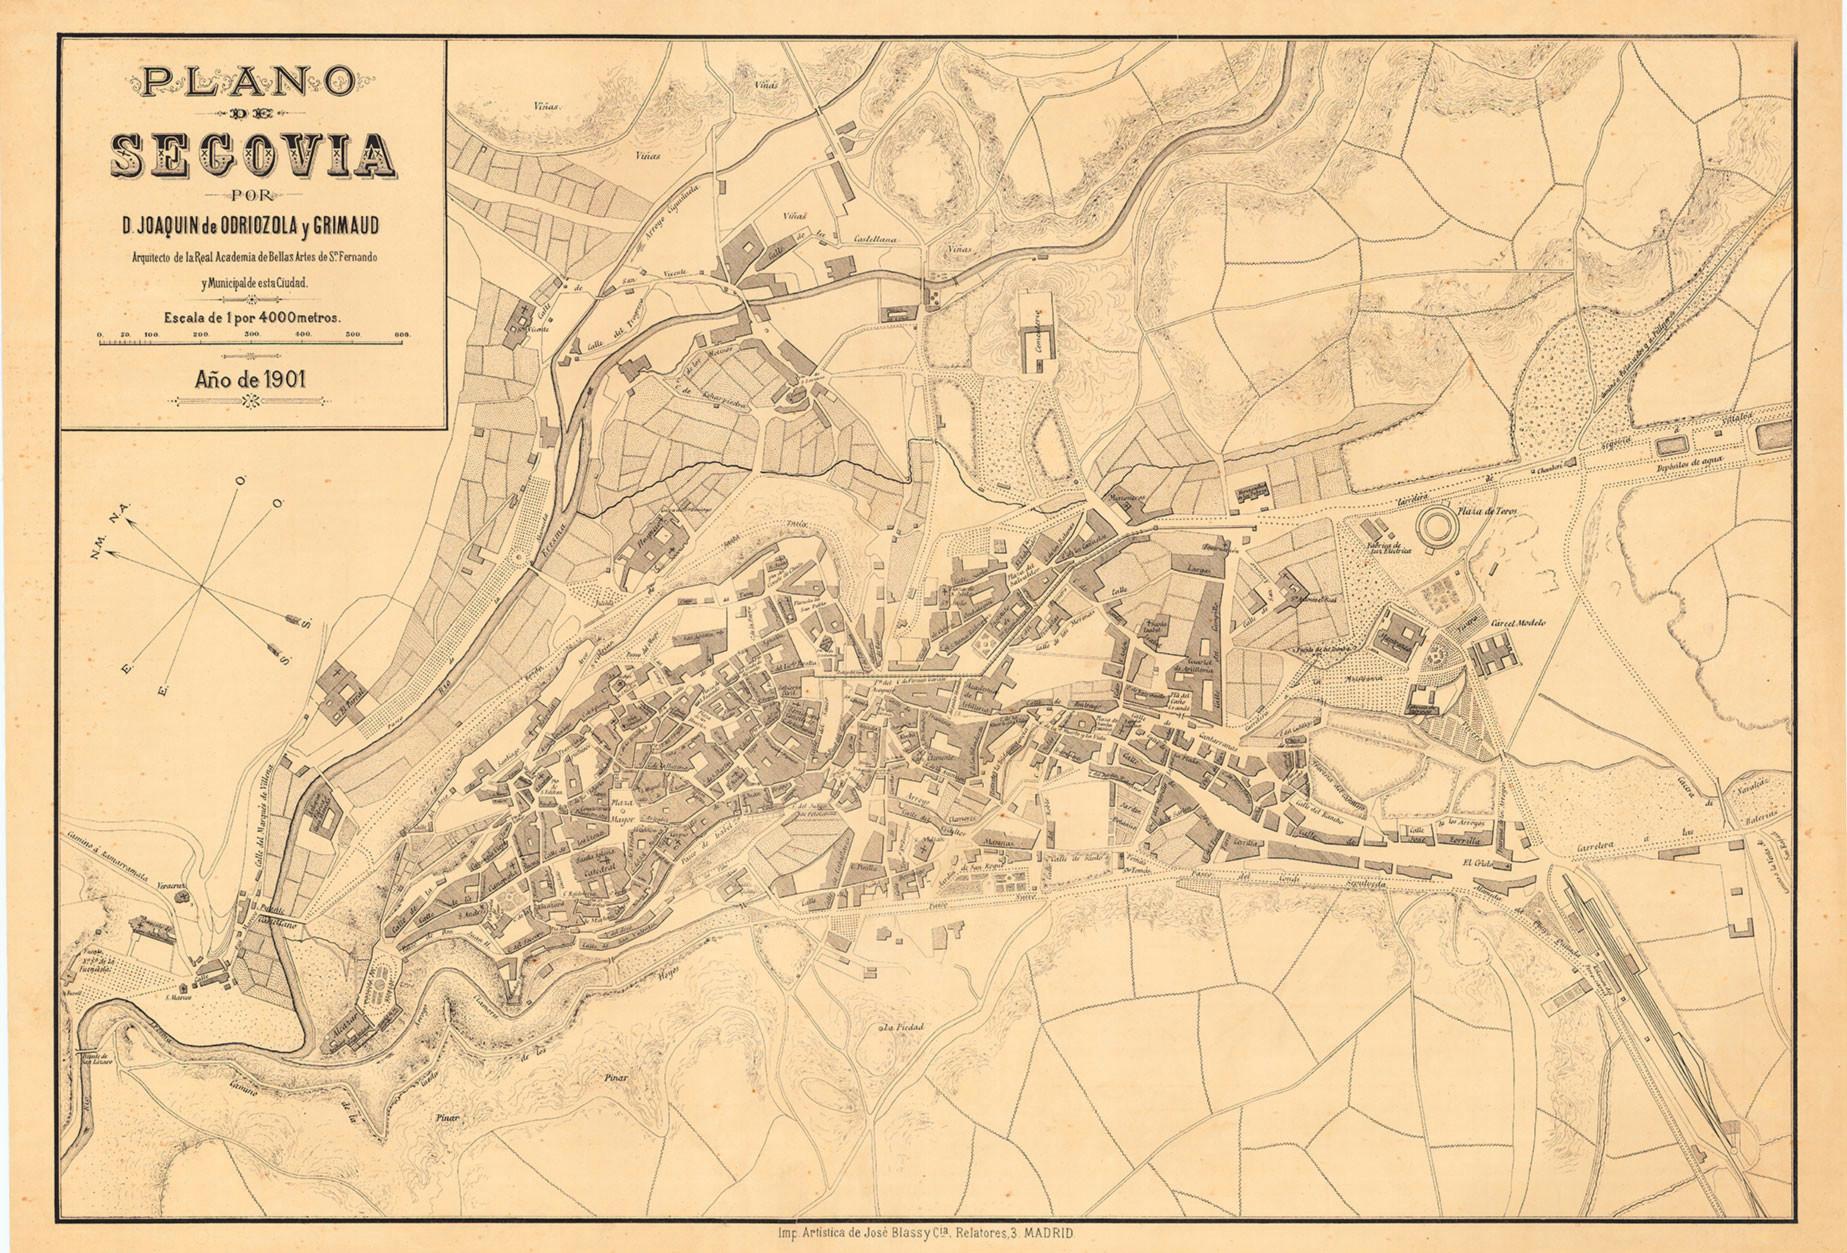 Detalle del plano de Segovia de, J. Odriozola, 1901. 6.- ARCHIVO CARTOGRÁFICO Y DE ESTUDIOS GEOGRÁFICOS DEL CENTRO GEOGRÁFICO DEL EJÉRCITO.